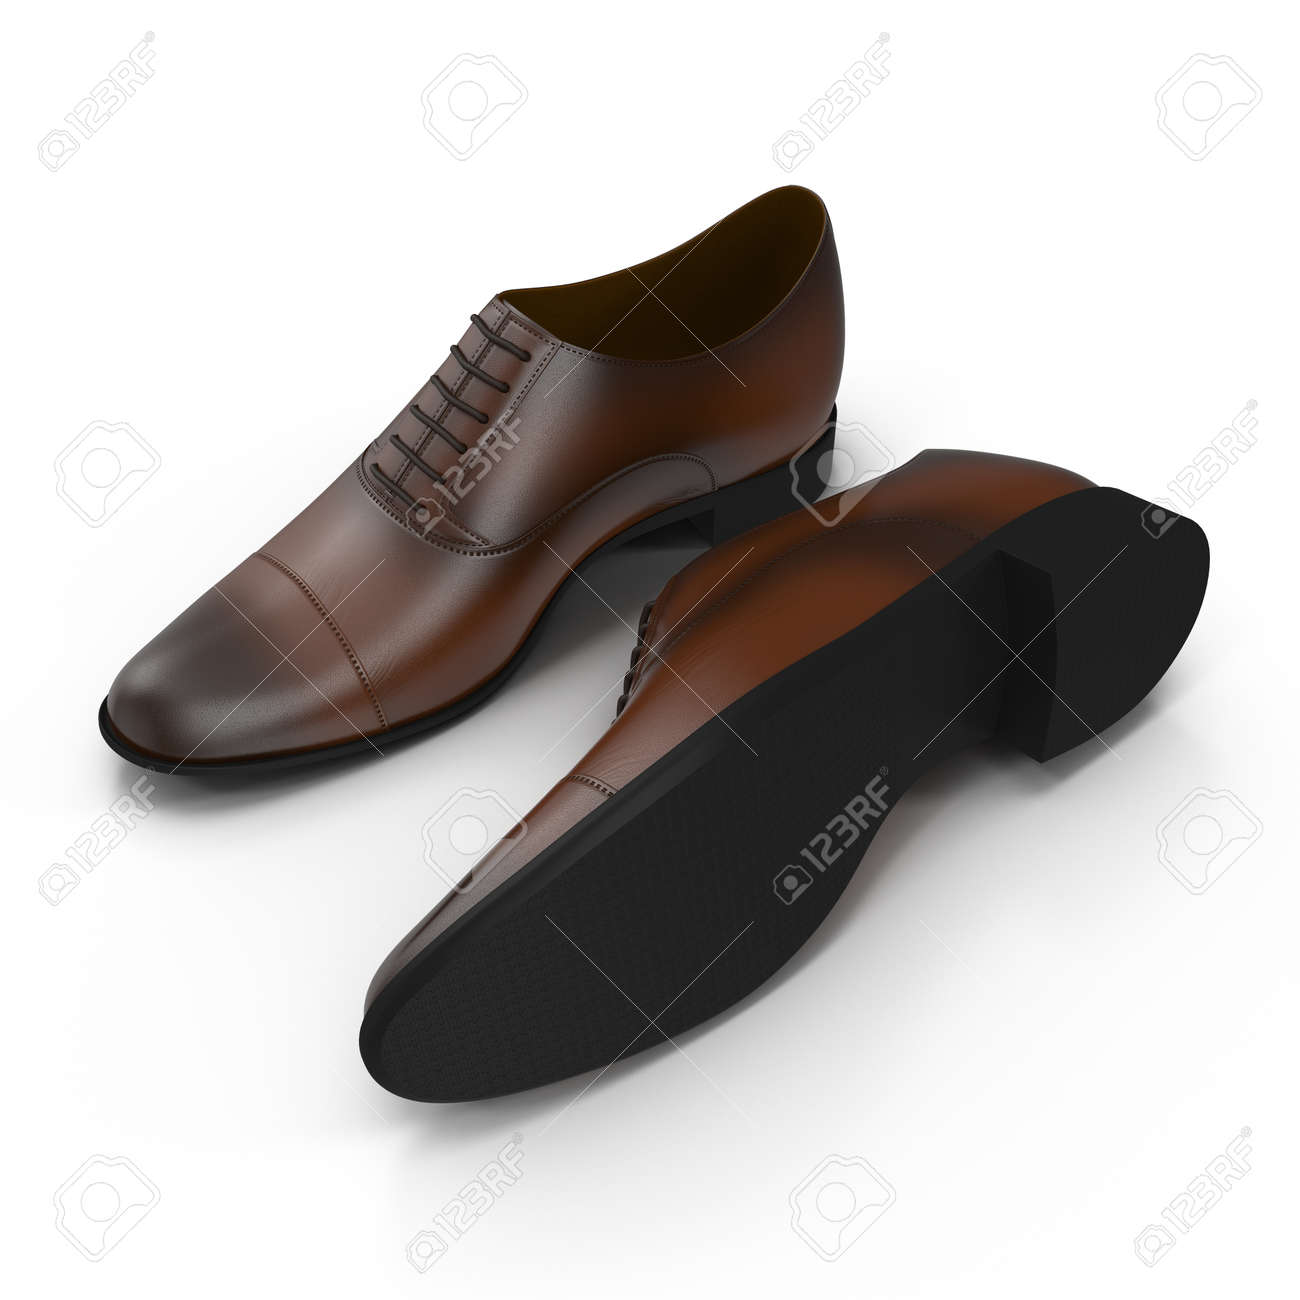 82bea460b8 Foto de archivo - Zapatos de cuero de los hombres aislados sobre un fondo  blanco